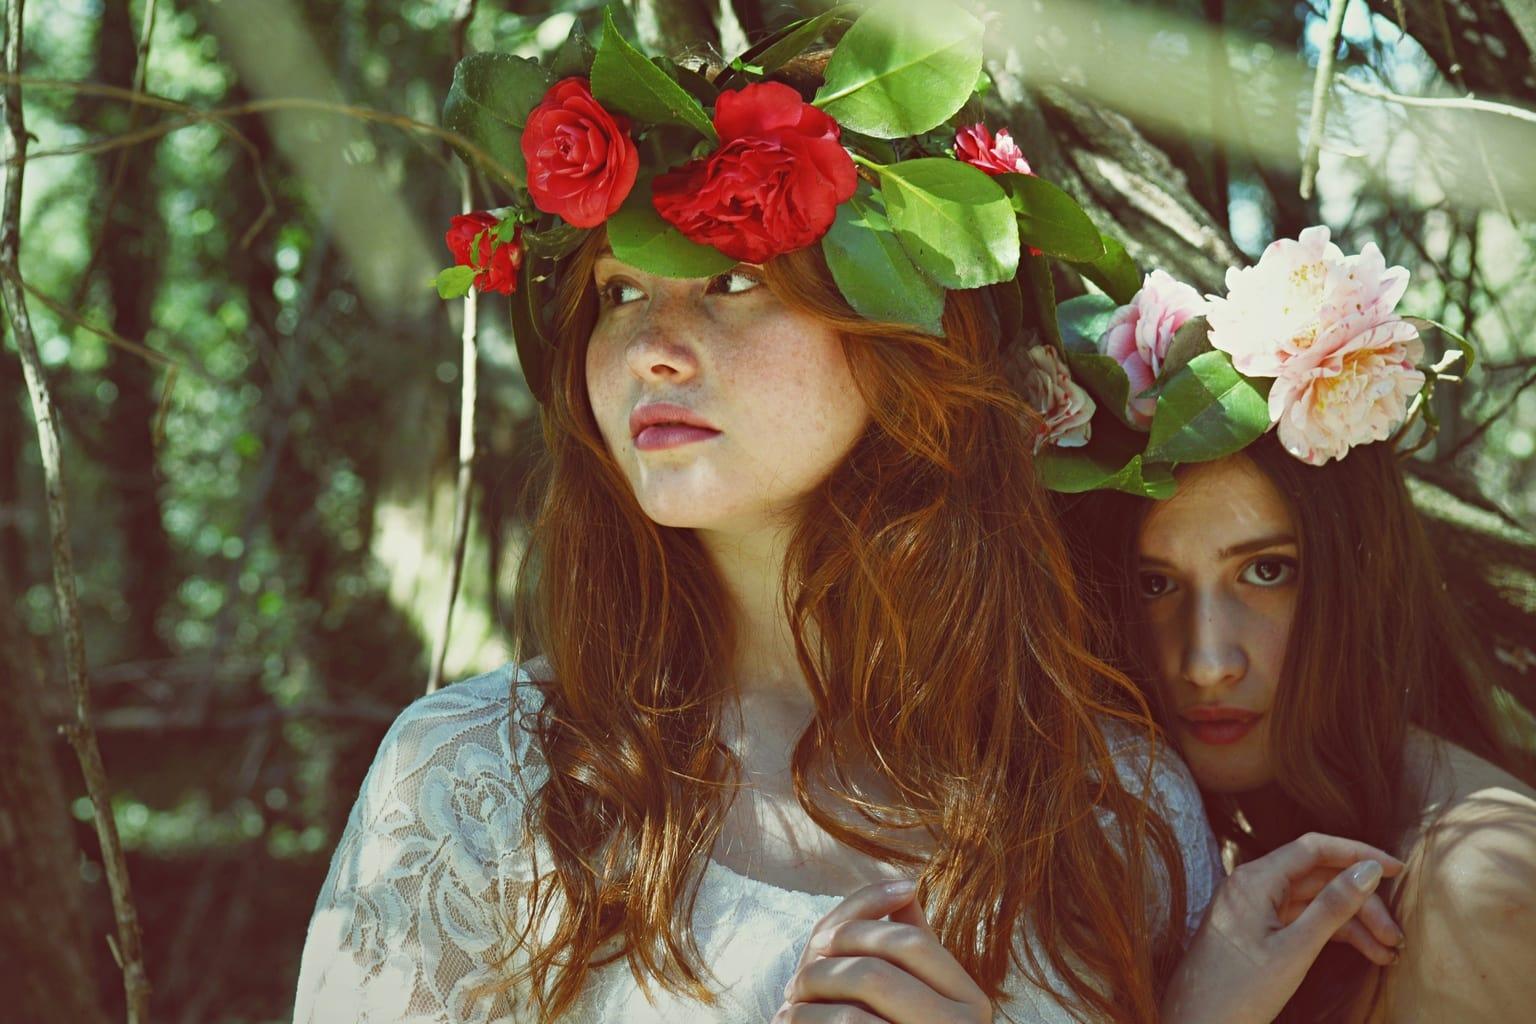 Two women wearing flower crowns